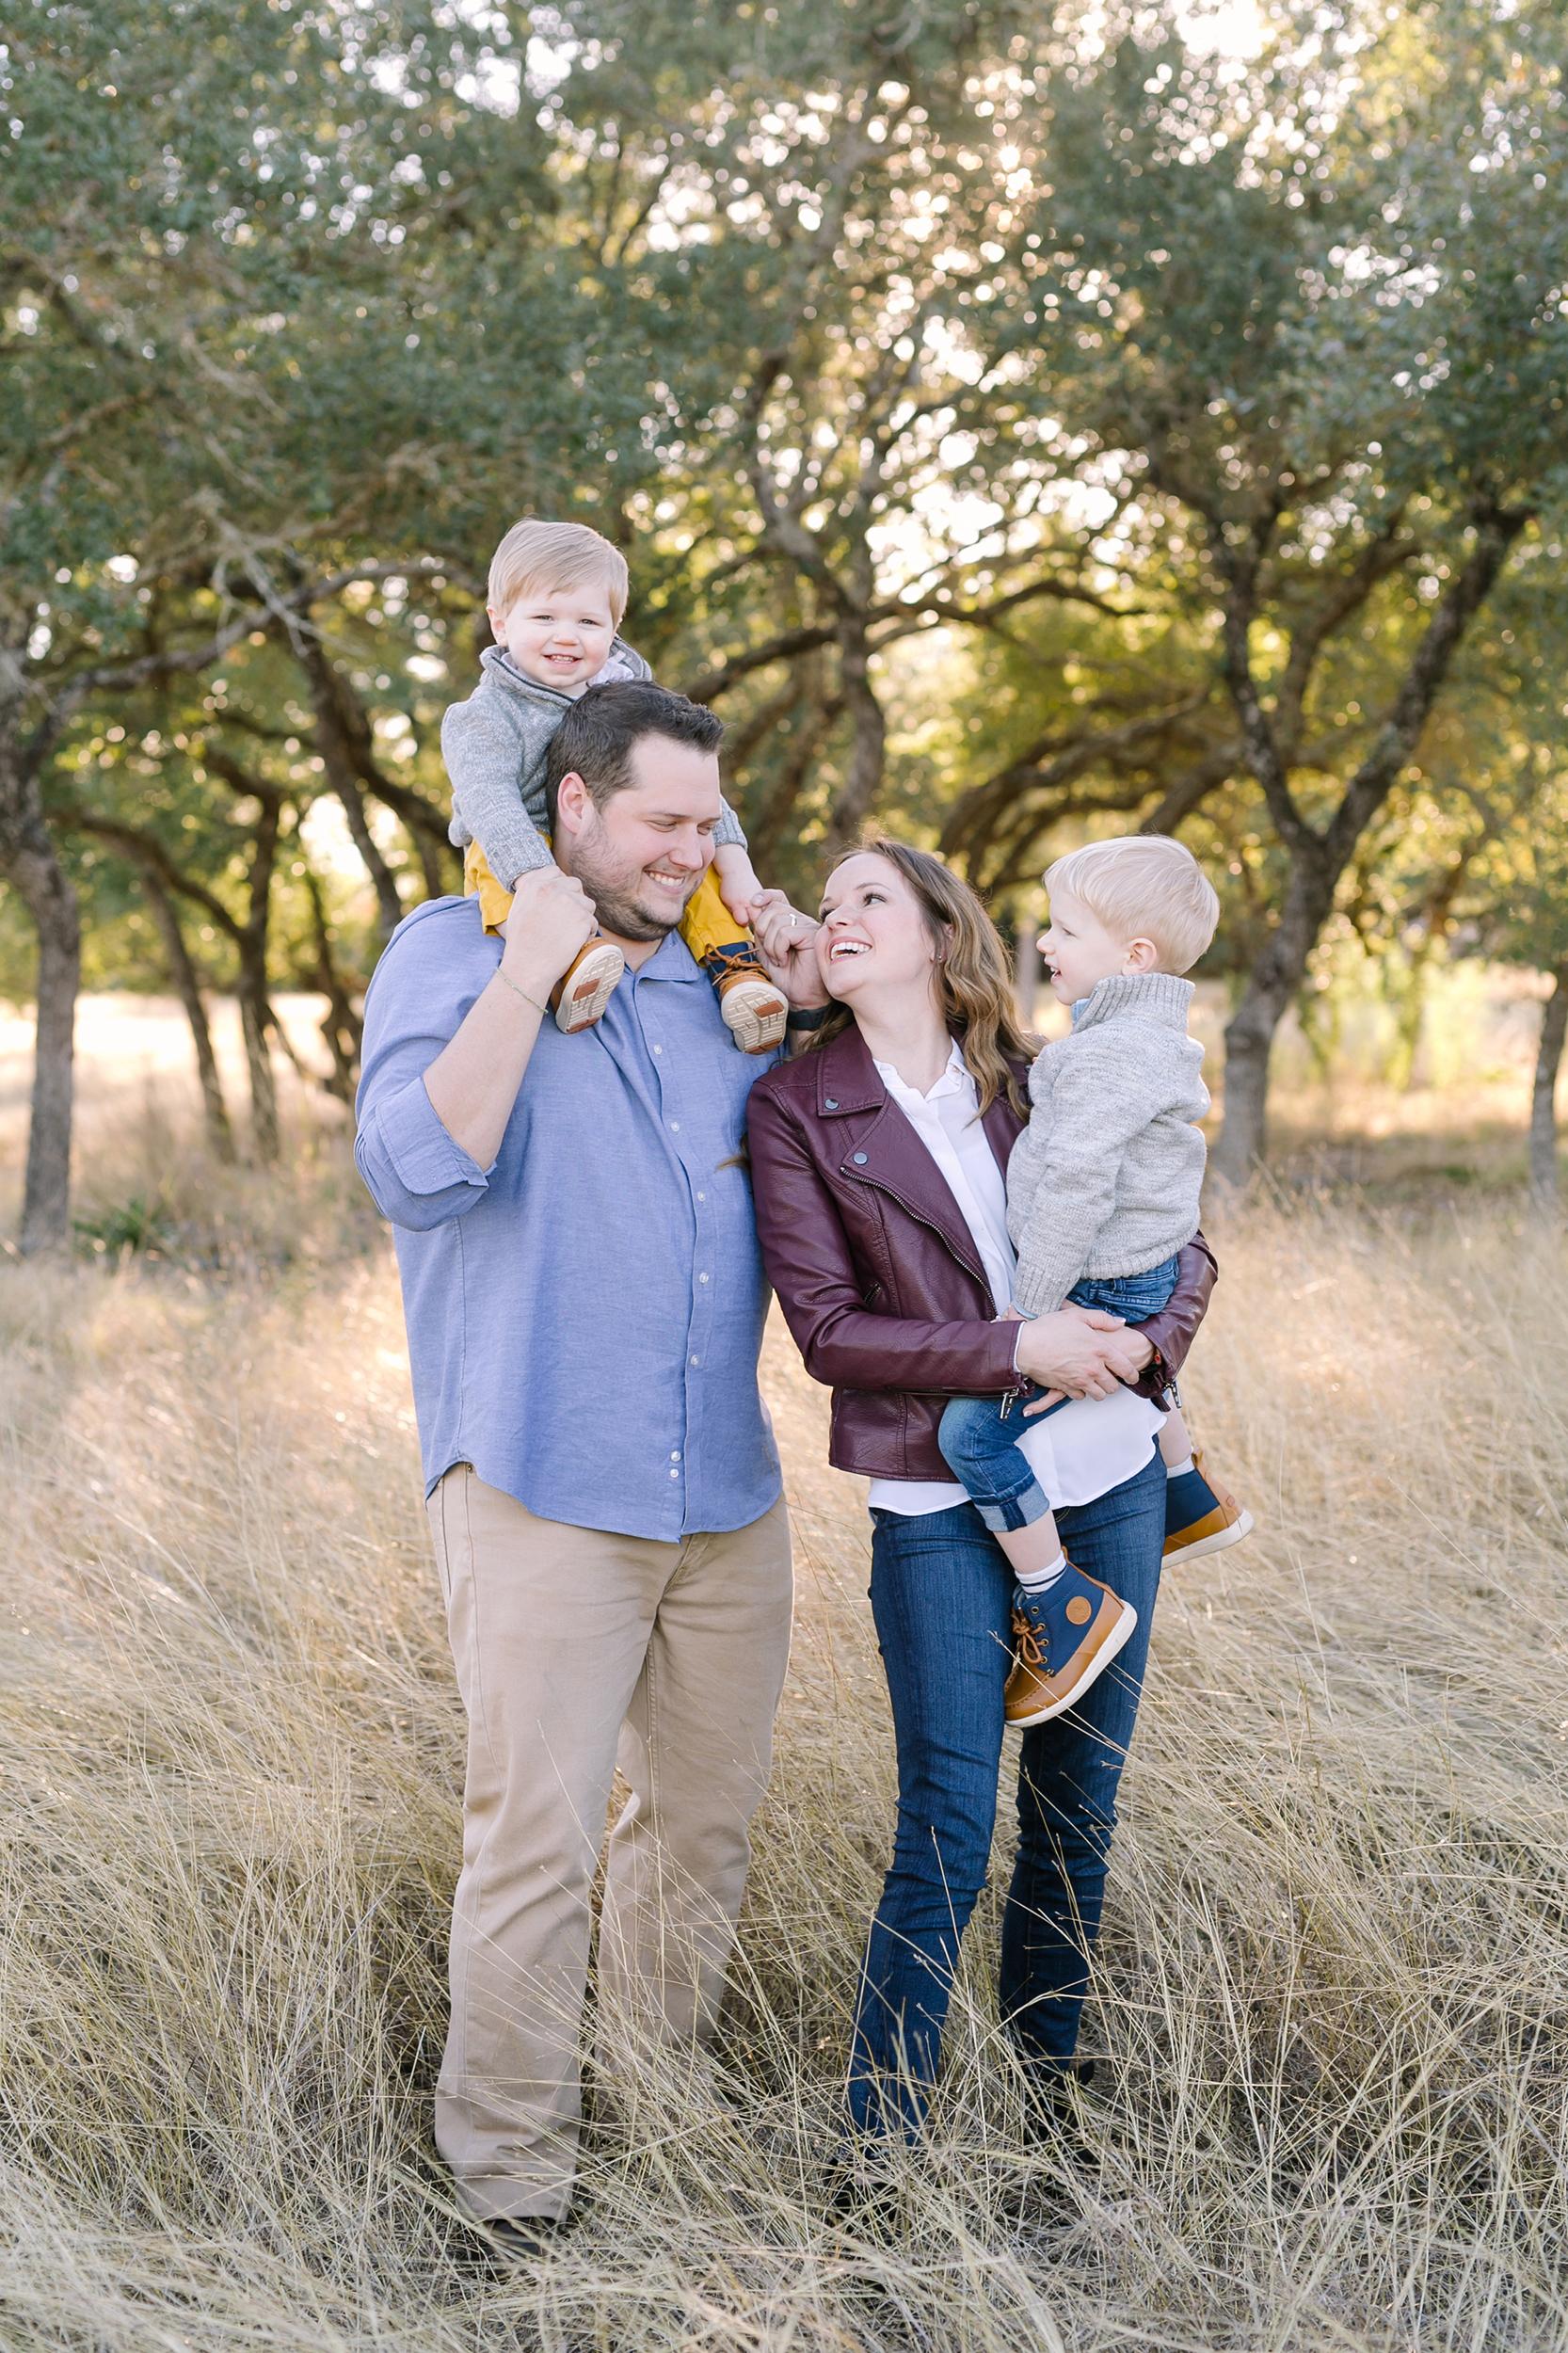 Austin_TX_Family_Photographer_KBP084.jpg